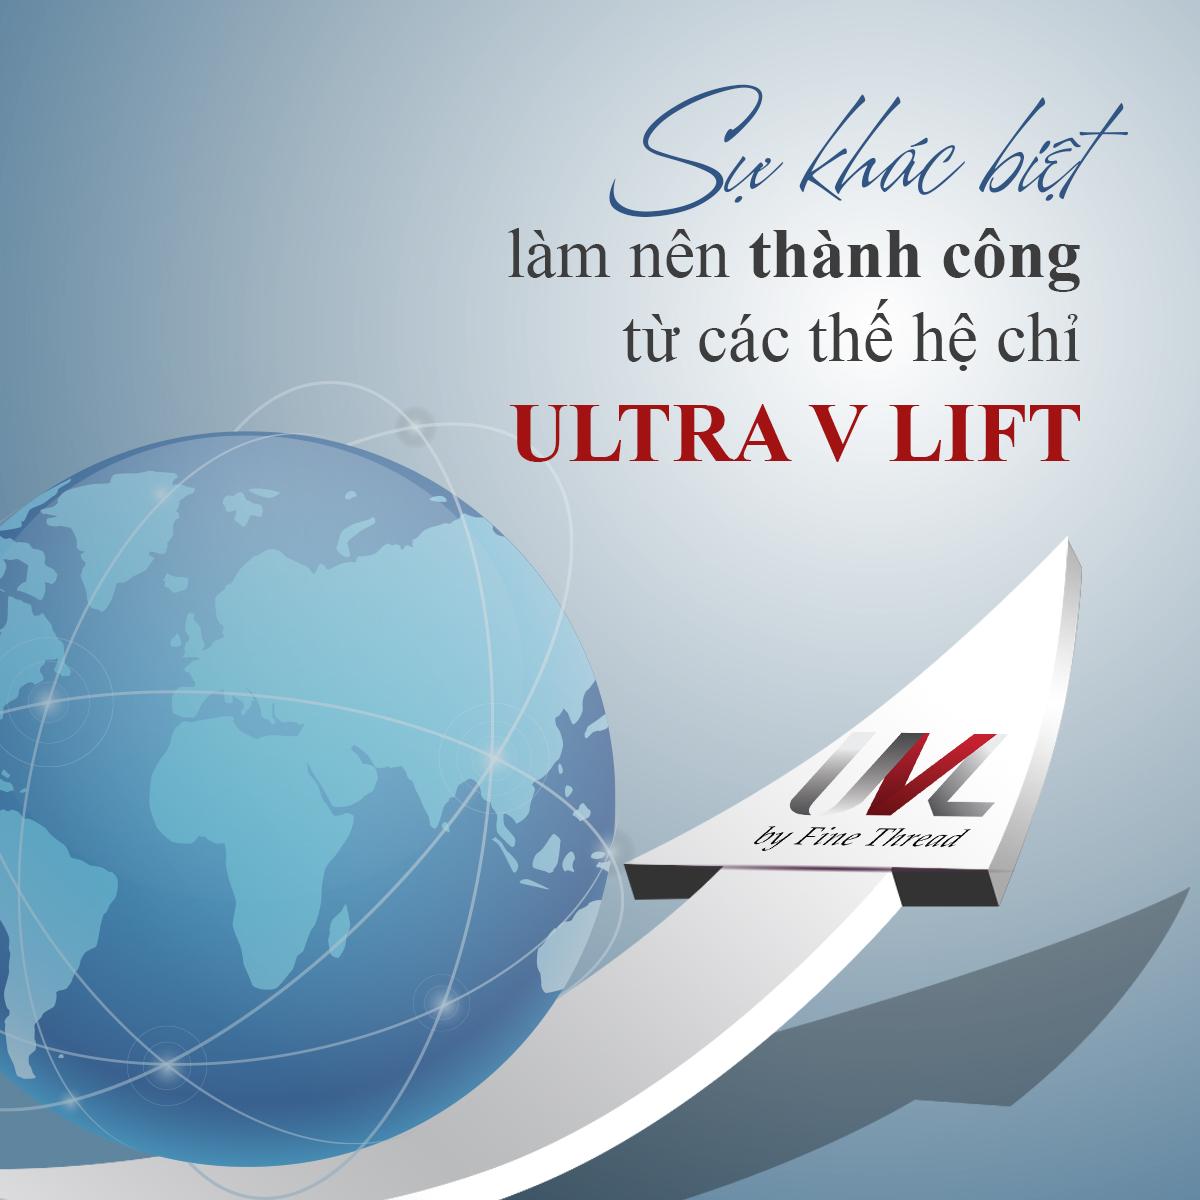 CHỈ ULTRA V LIFT  mang  3 THẾ H��� đặc trưng